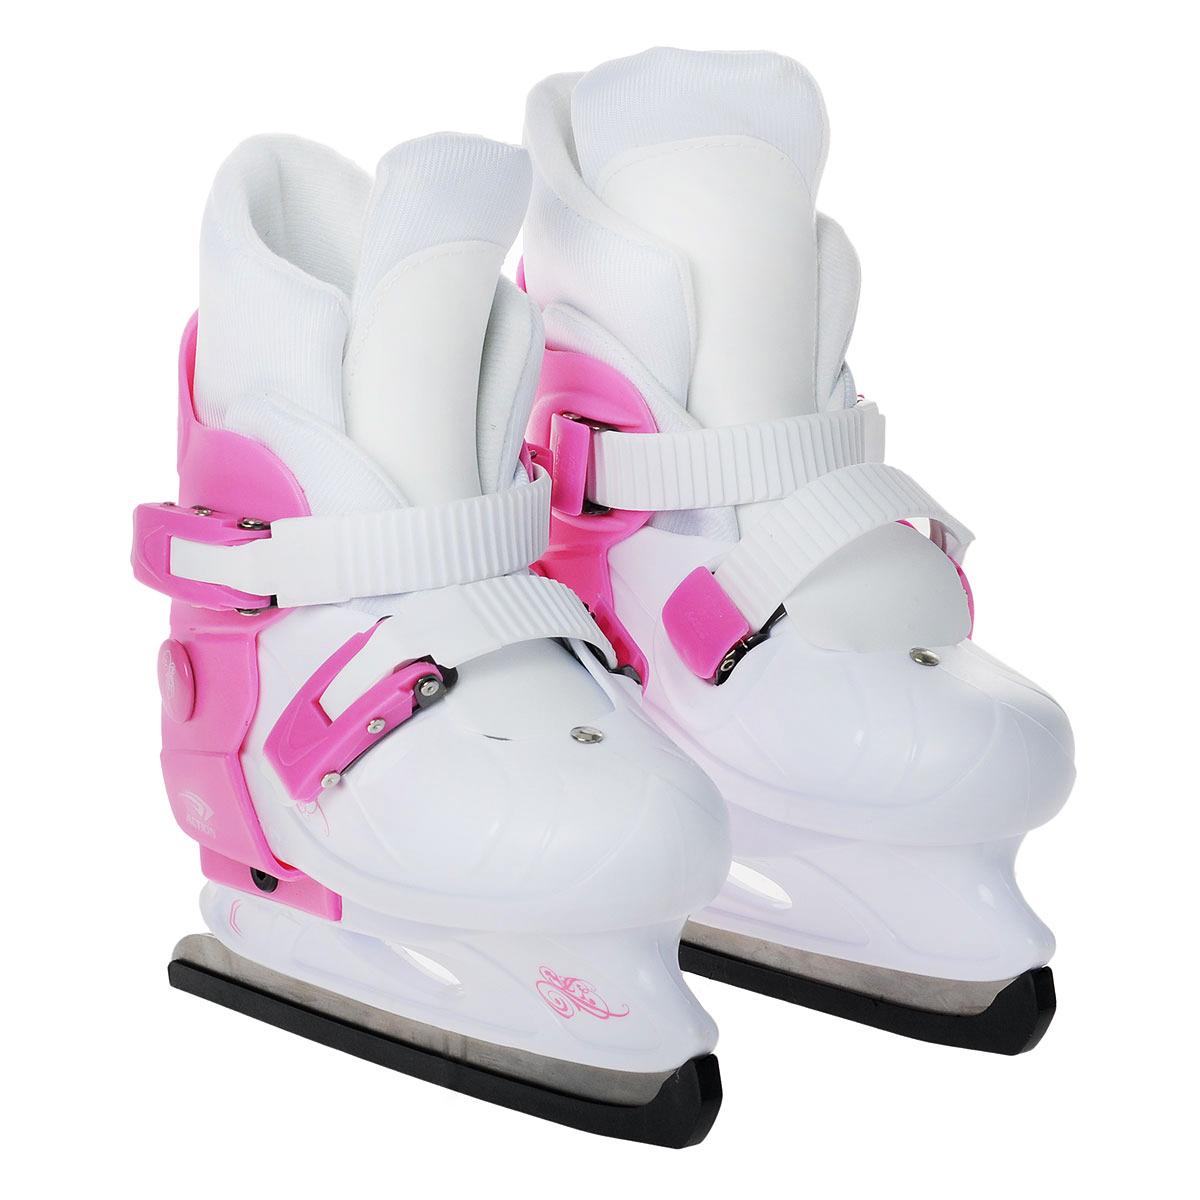 """Коньки ледовые Action """"PW-219"""", раздвижные, цвет: розовый, белый. Размер 37/40"""